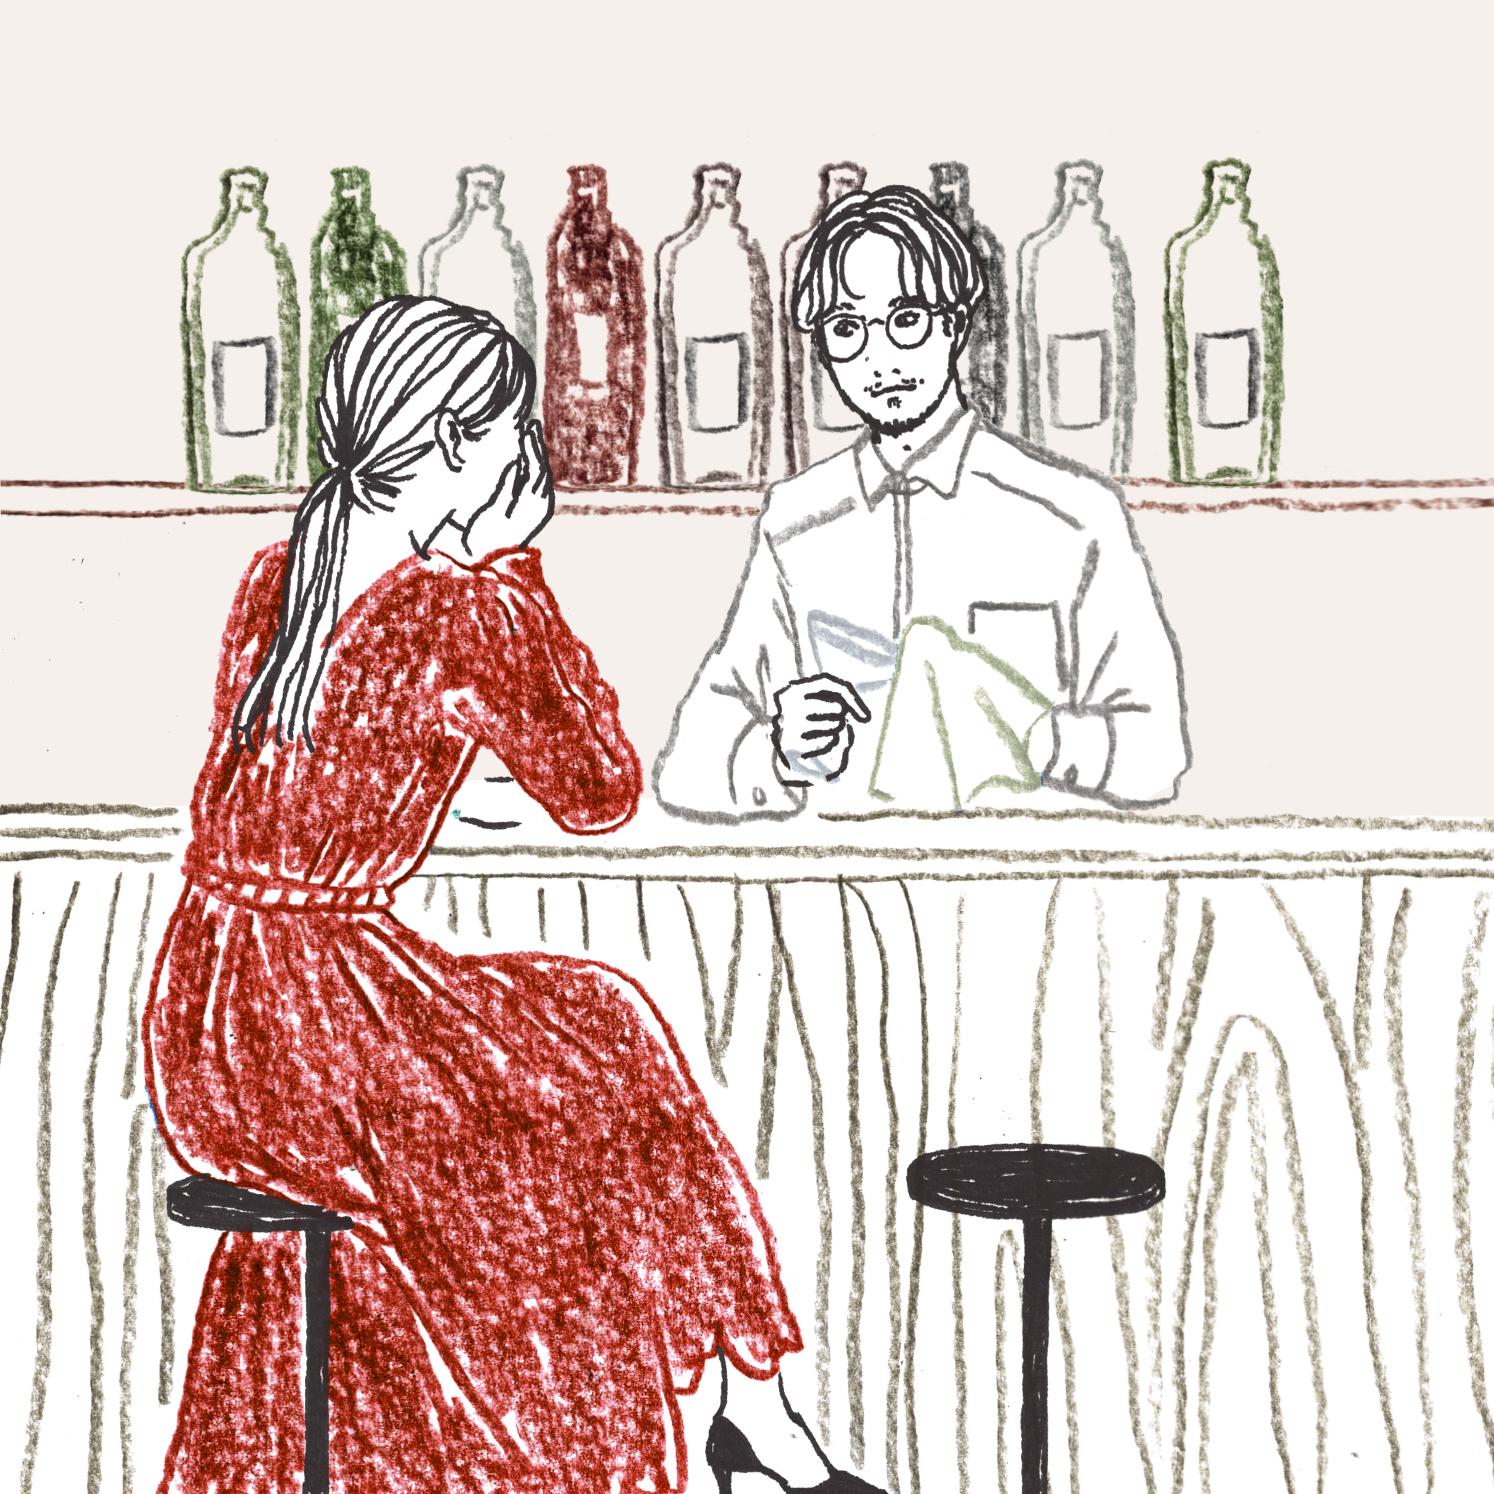 Q:バーでバーテンダーさんがあなたをイメージしてカクテルを作ってくれました。何色のカクテルが出てきましたか?